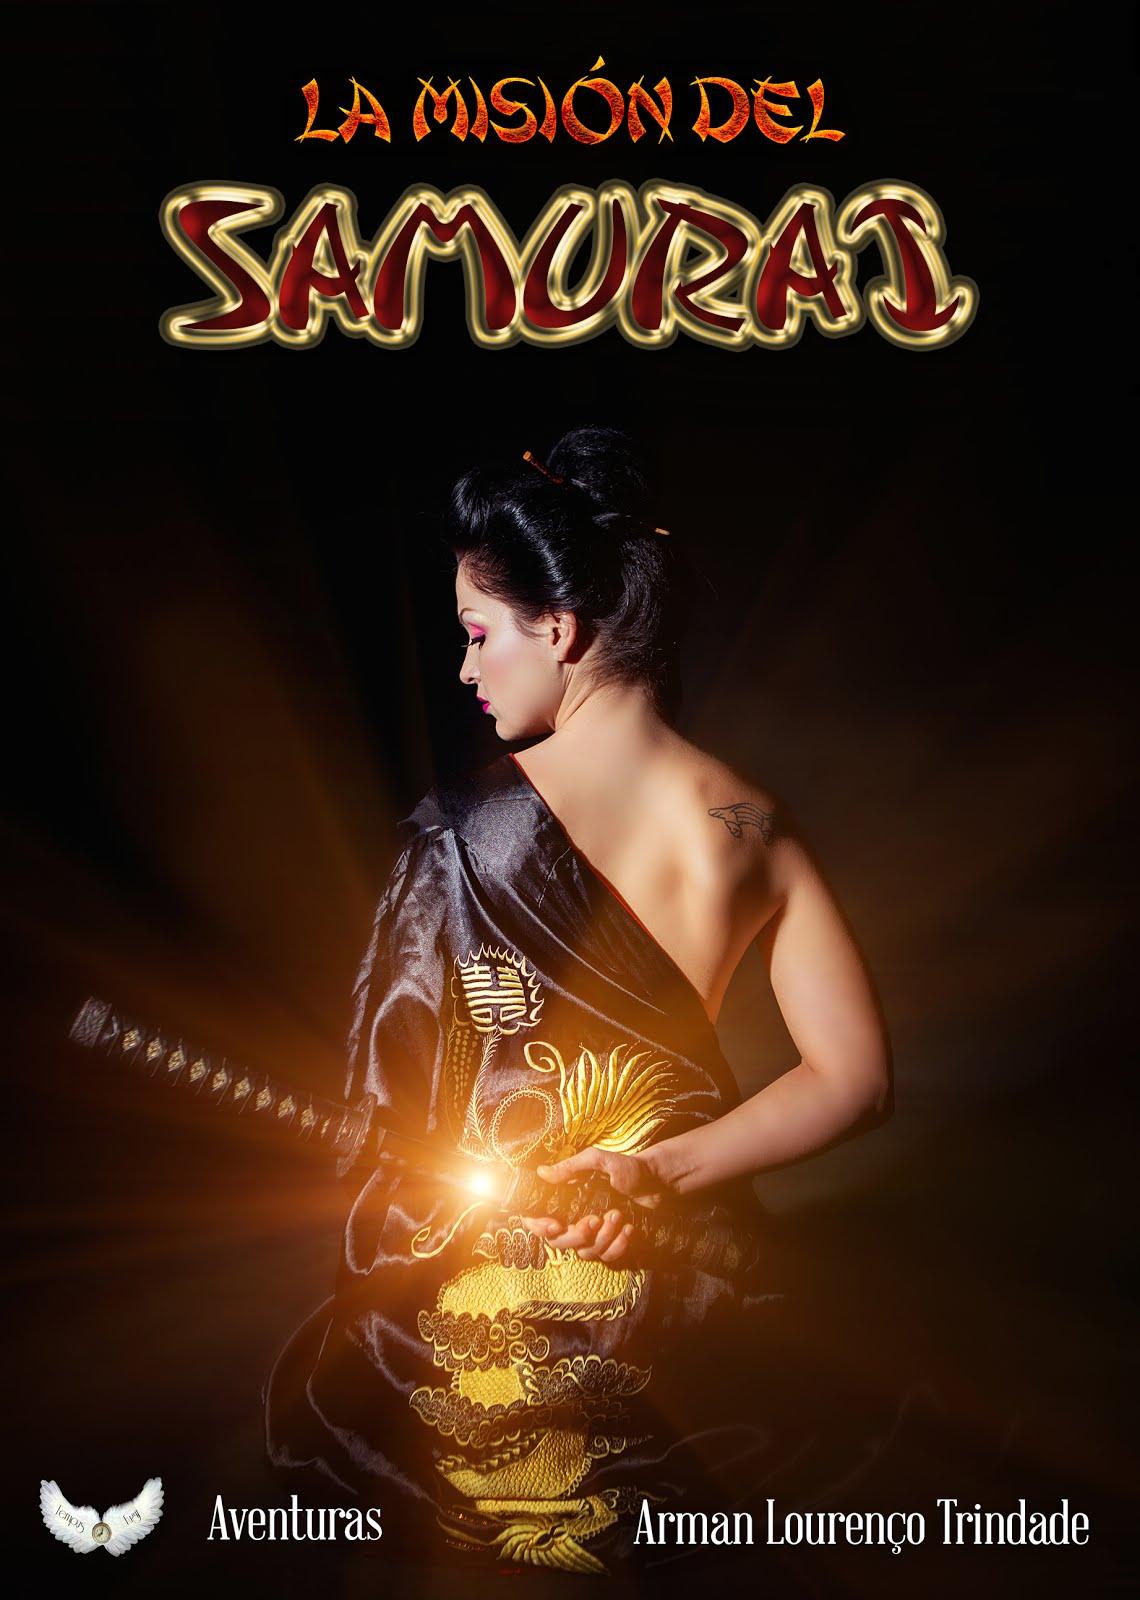 La misión del Samurái